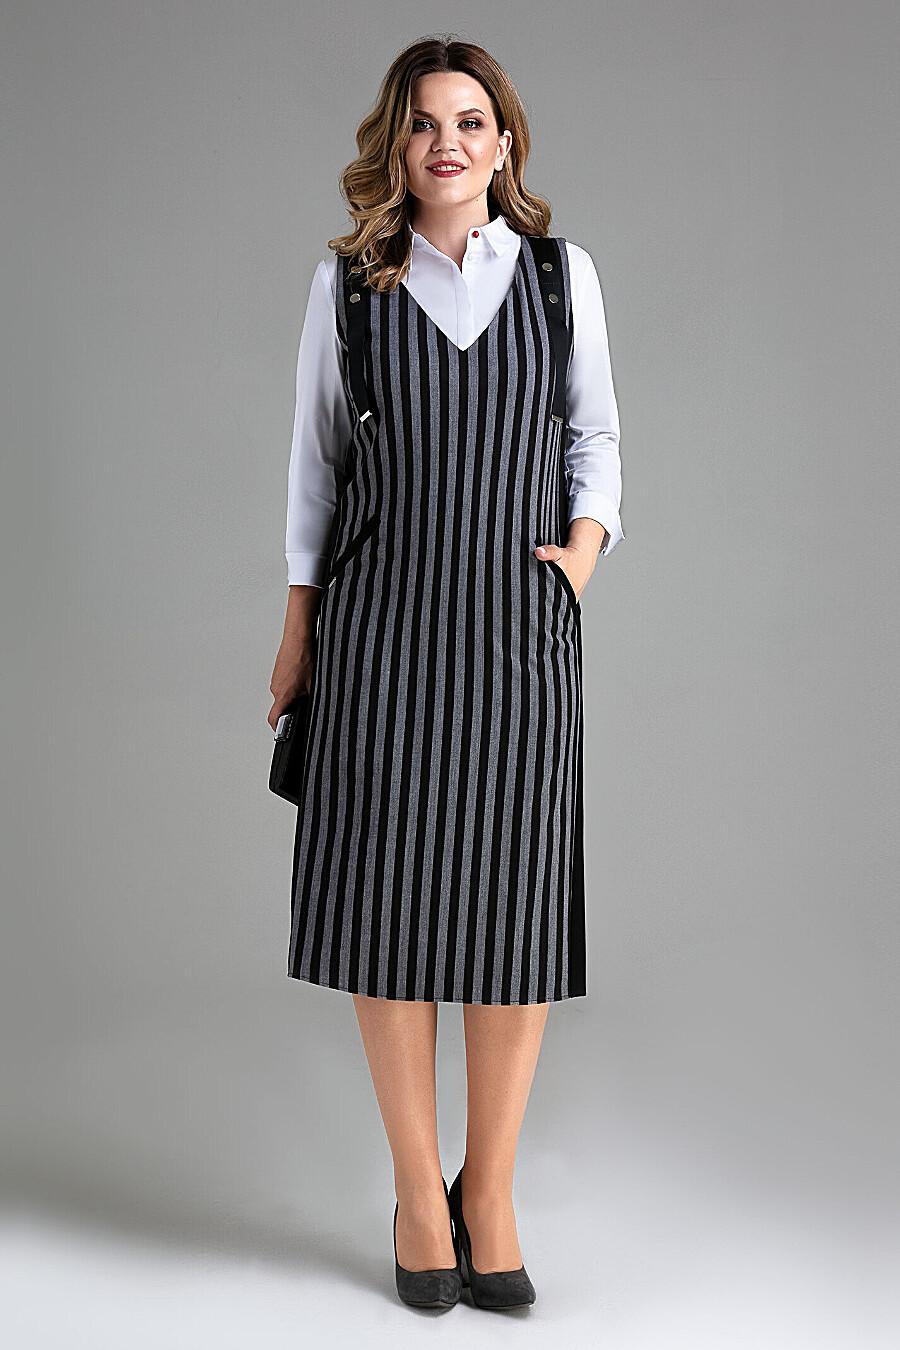 Сарафан для женщин PANDA 682452 купить оптом от производителя. Совместная покупка женской одежды в OptMoyo